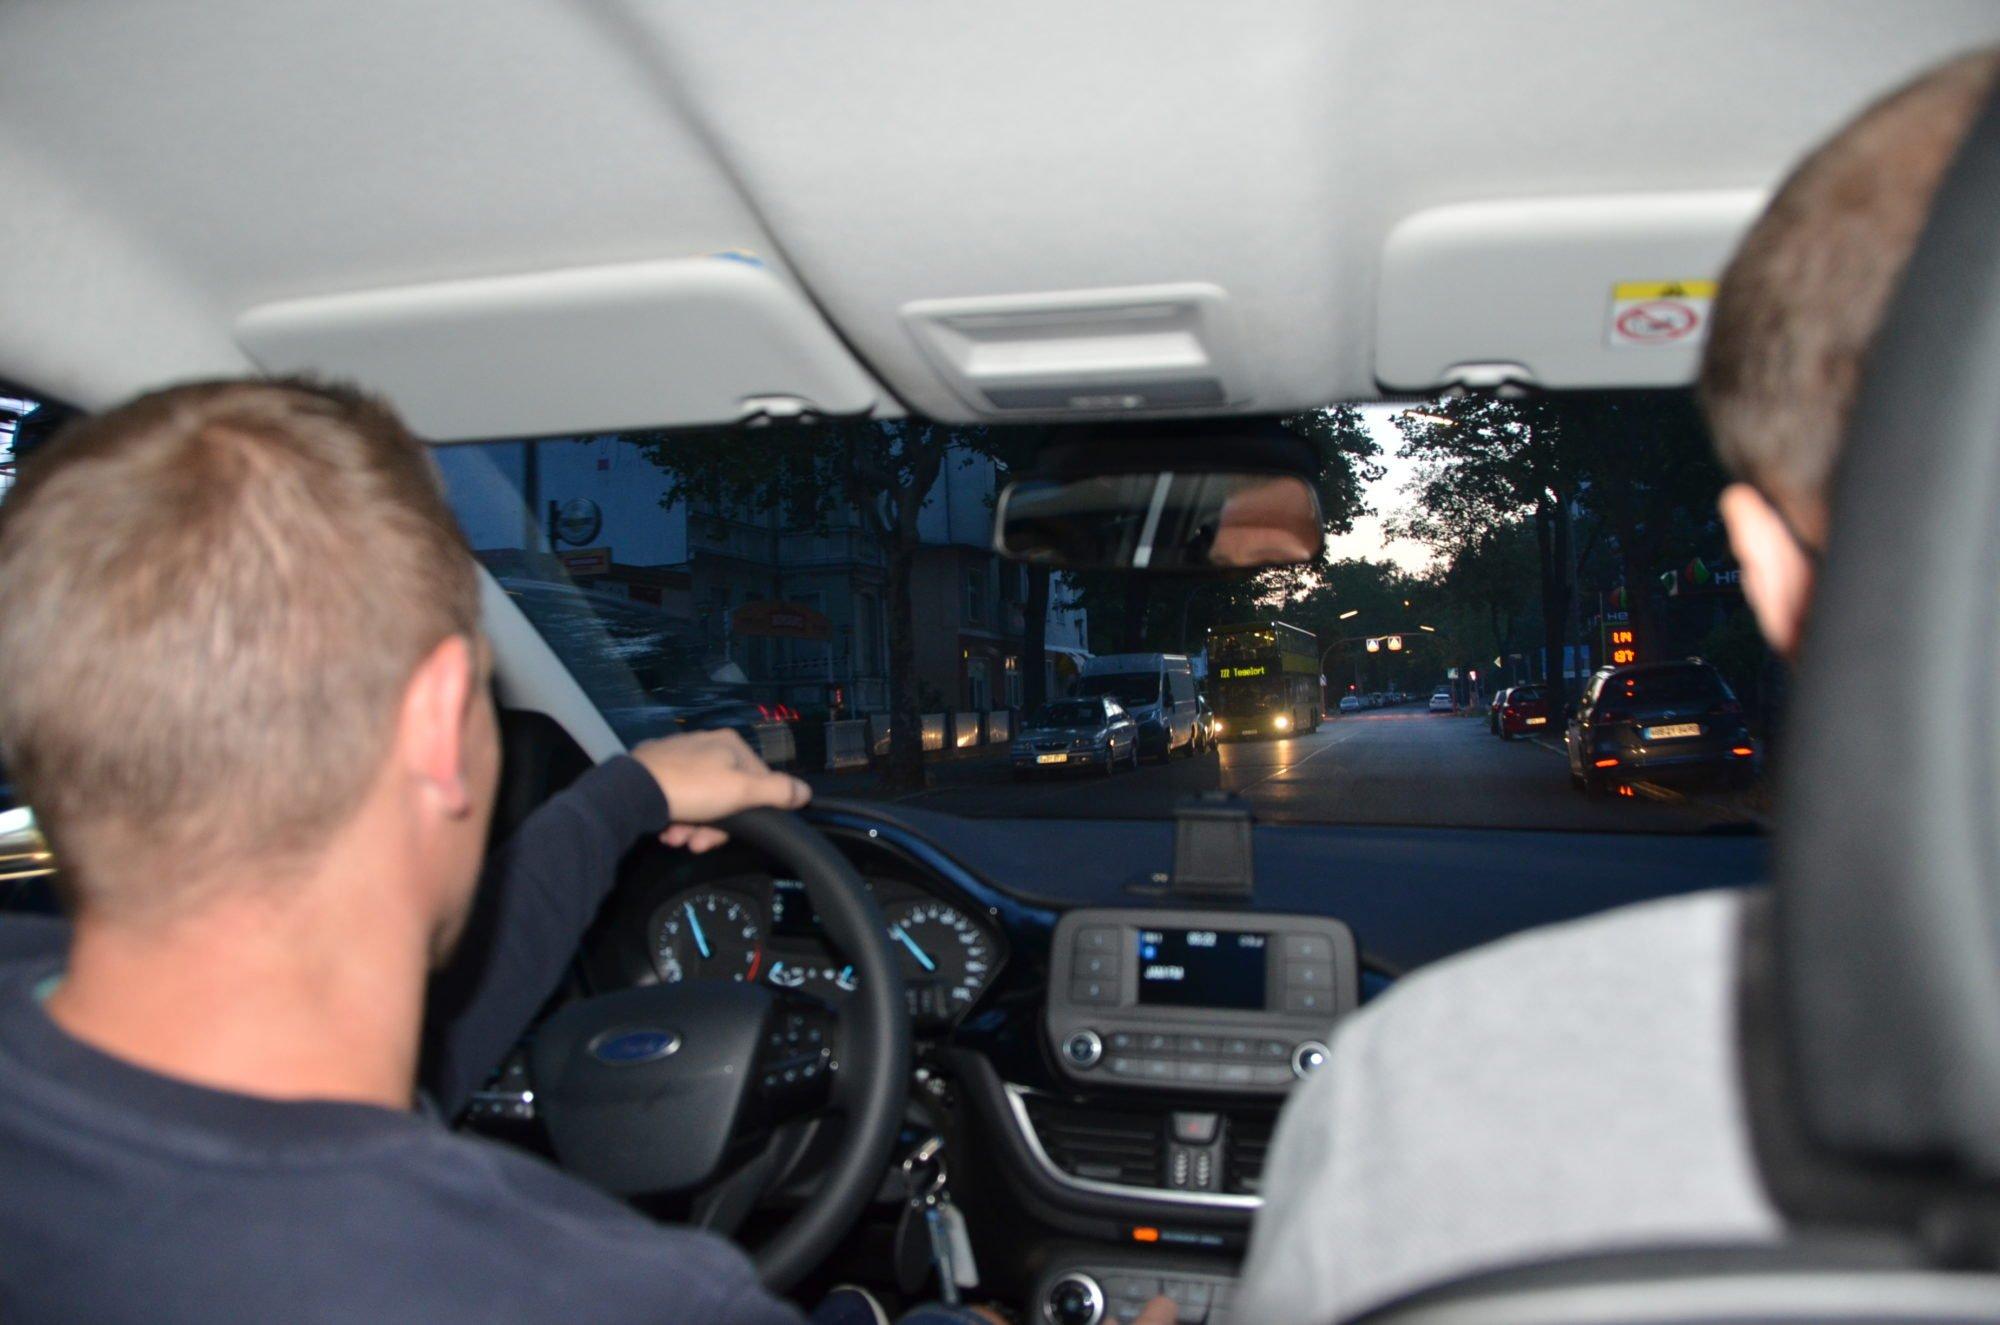 Vom Rücksitz des Autos über die Schultern von Marco Noack und Dr. Sebastian Weinert fotografiert. Es ist noch dunkel, auf der Straße fährt sonst nur ein Bus.